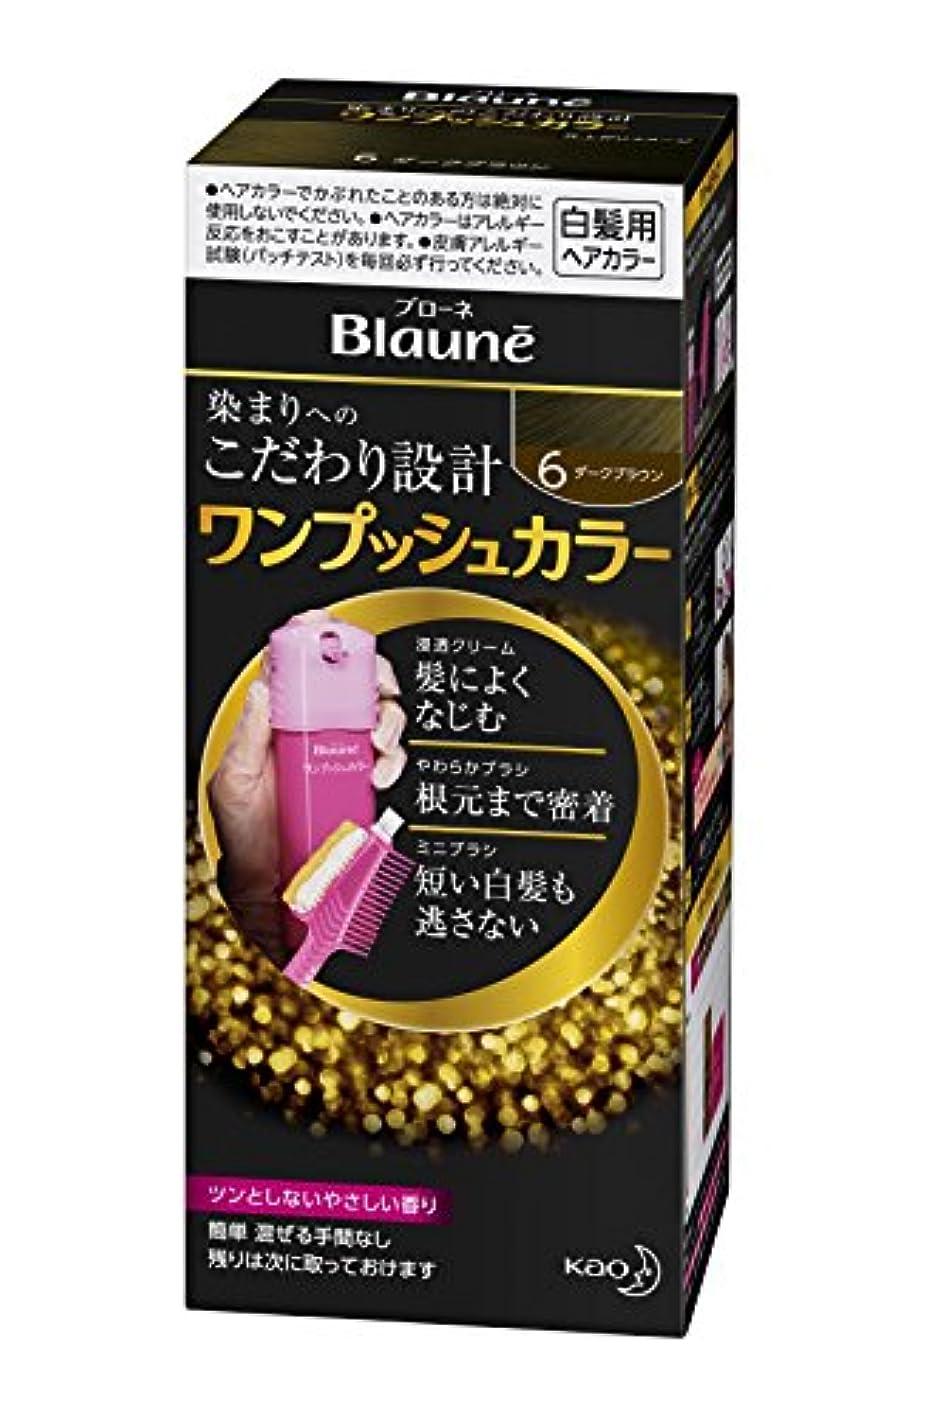 トリッキーフォーマル発明するブローネワンプッシュカラー 6 ダークブラウン 80g [医薬部外品]